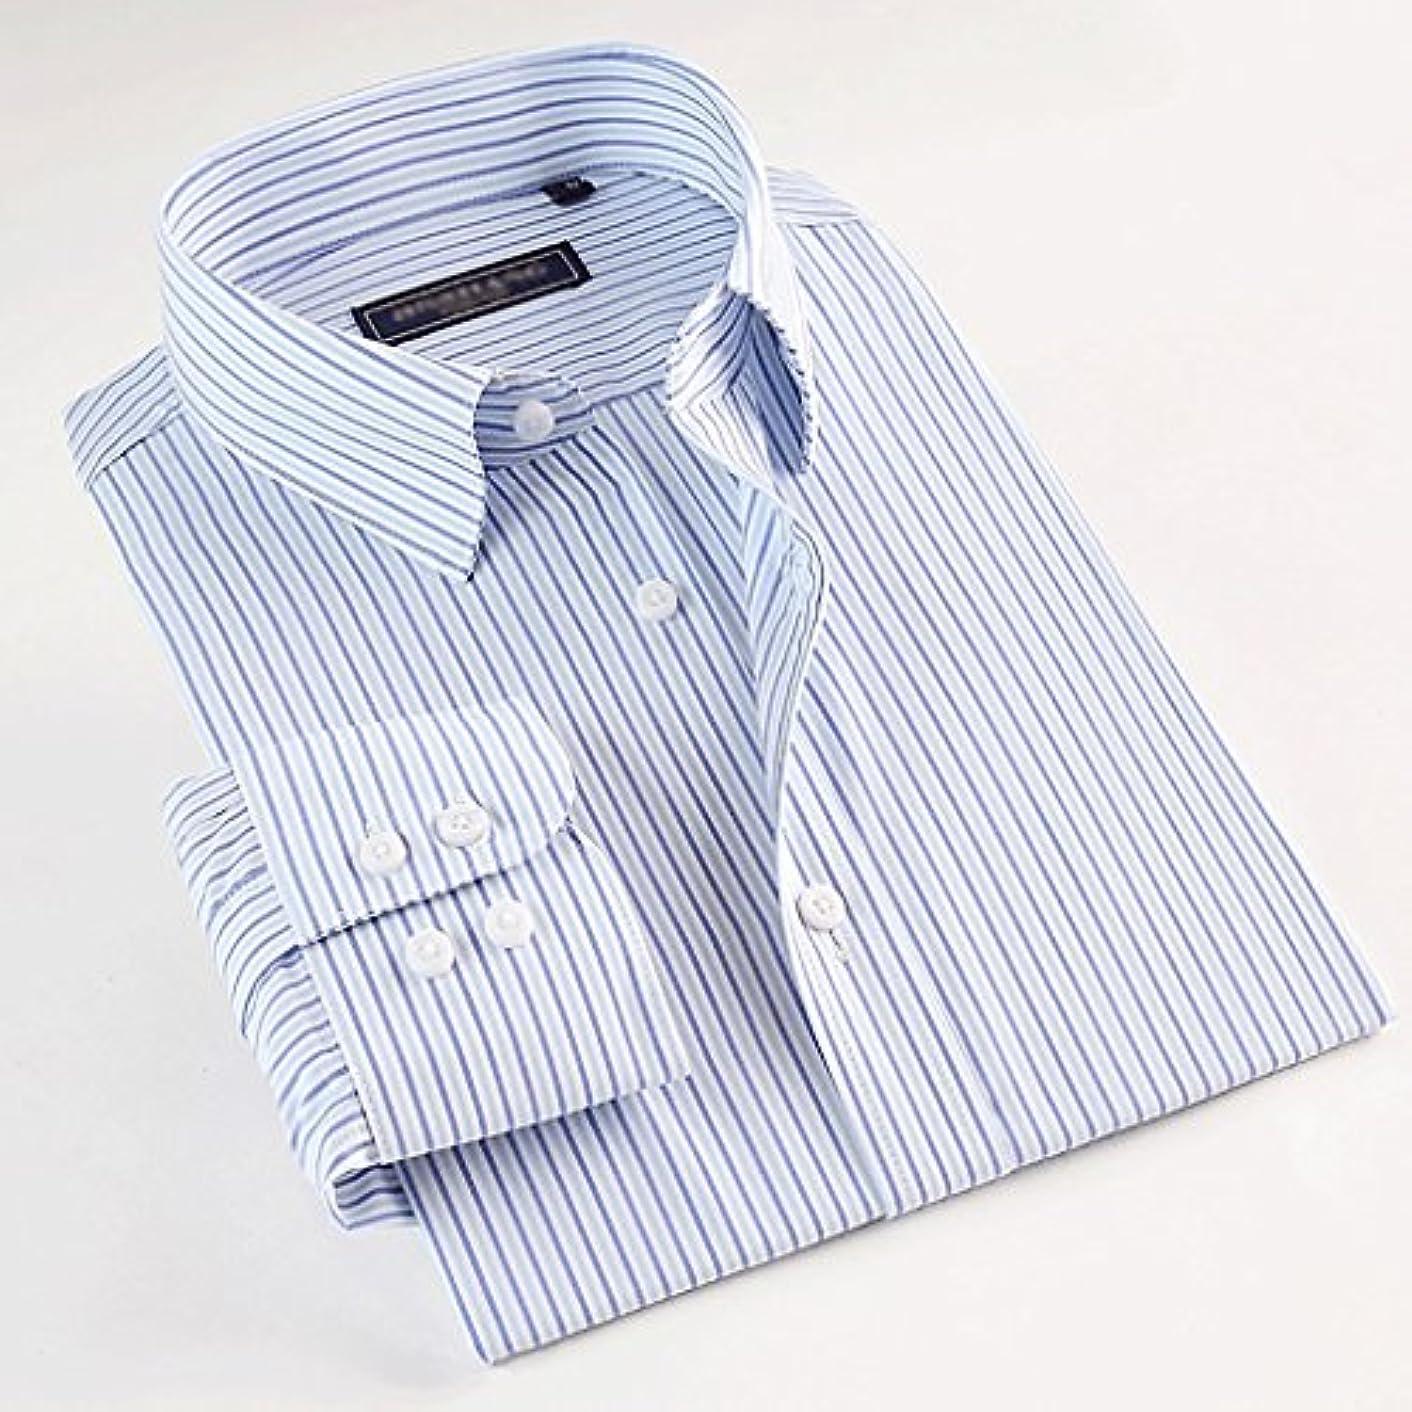 前方へ野なつばWENJUN 選べる11色のメンズ長袖シャツコットンストライプシャツビジネスシャツ ( 色 : Stripe 28A , サイズ さいず : XXXL )